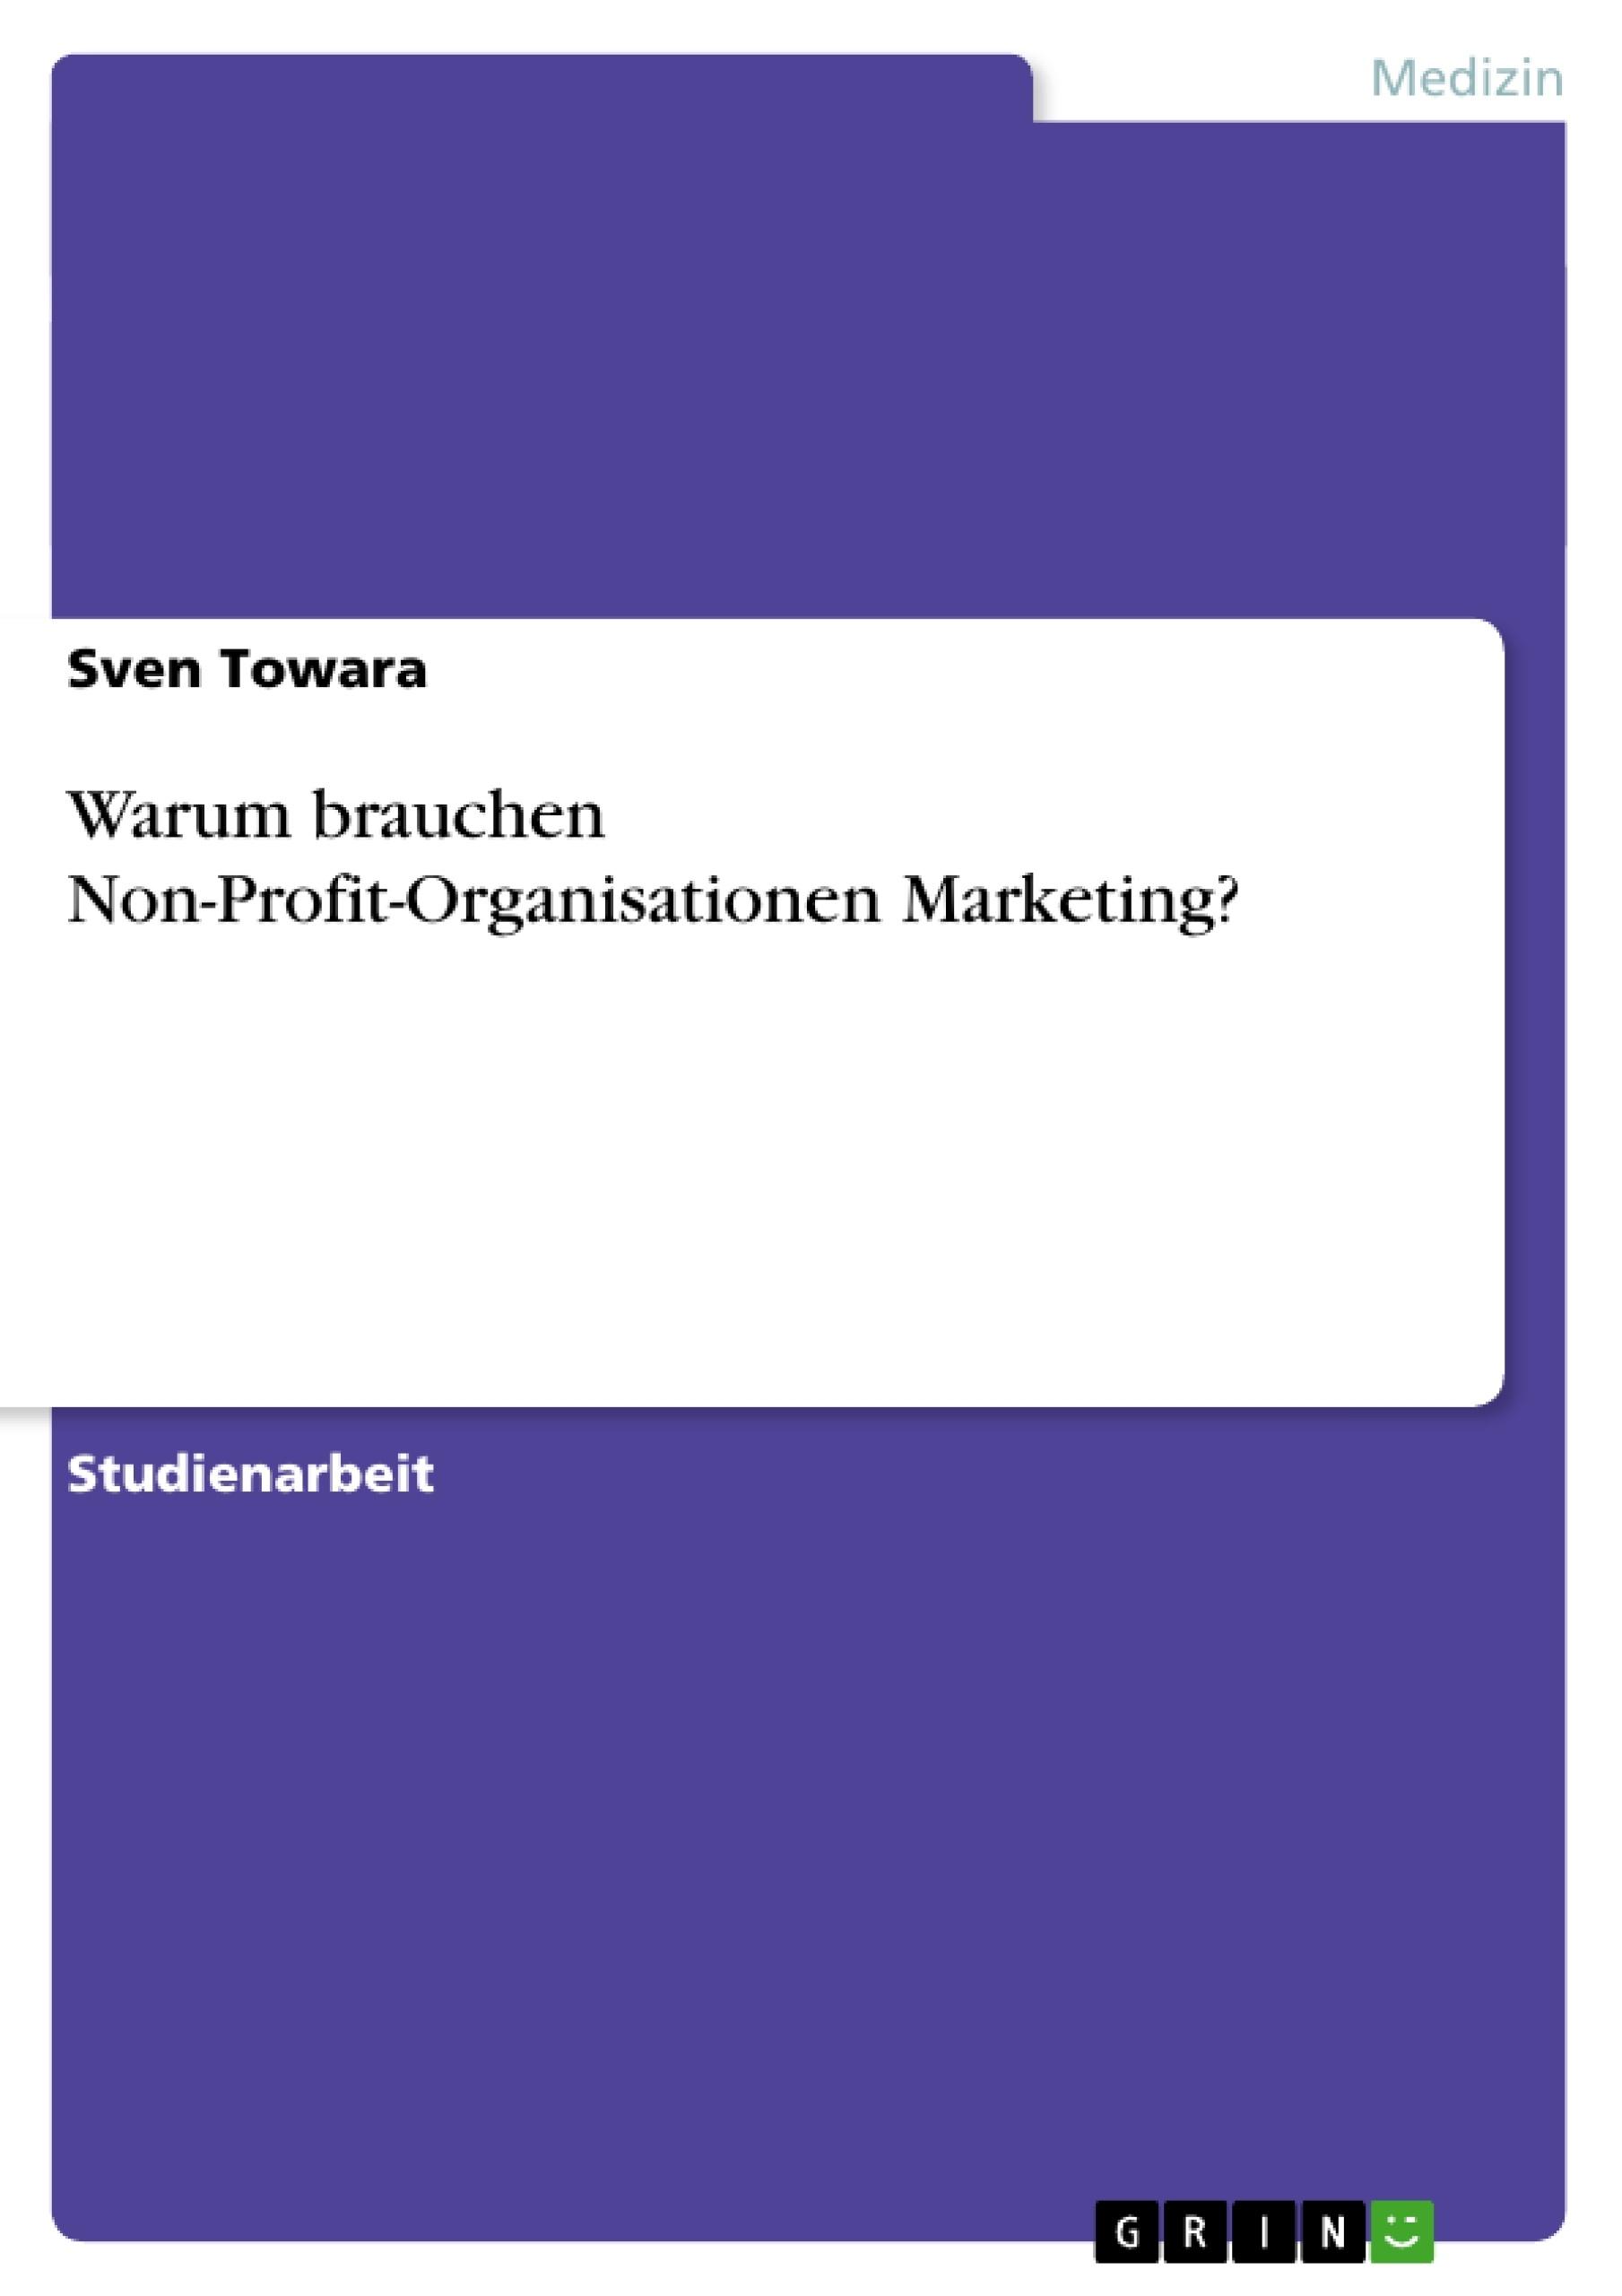 Titel: Warum brauchen Non-Profit-Organisationen Marketing?